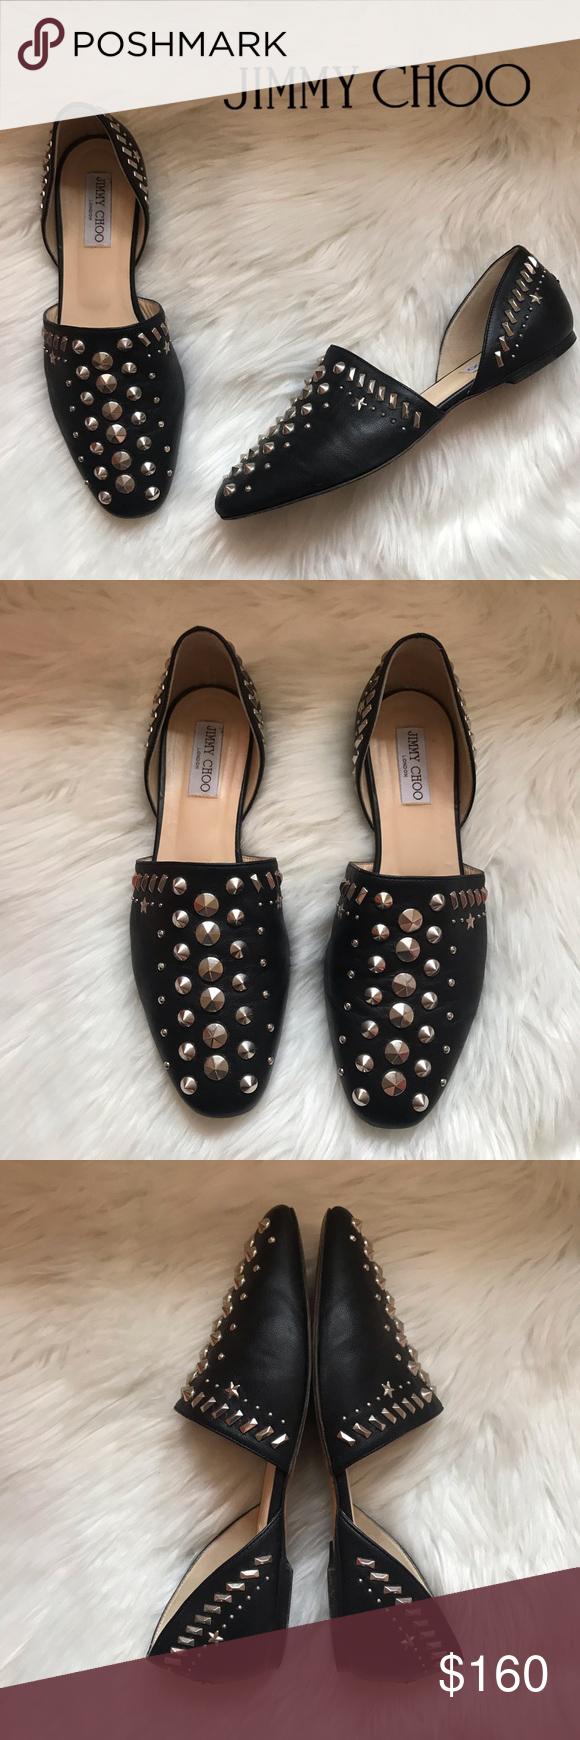 Jimmy choo shoes flats, Studded flats